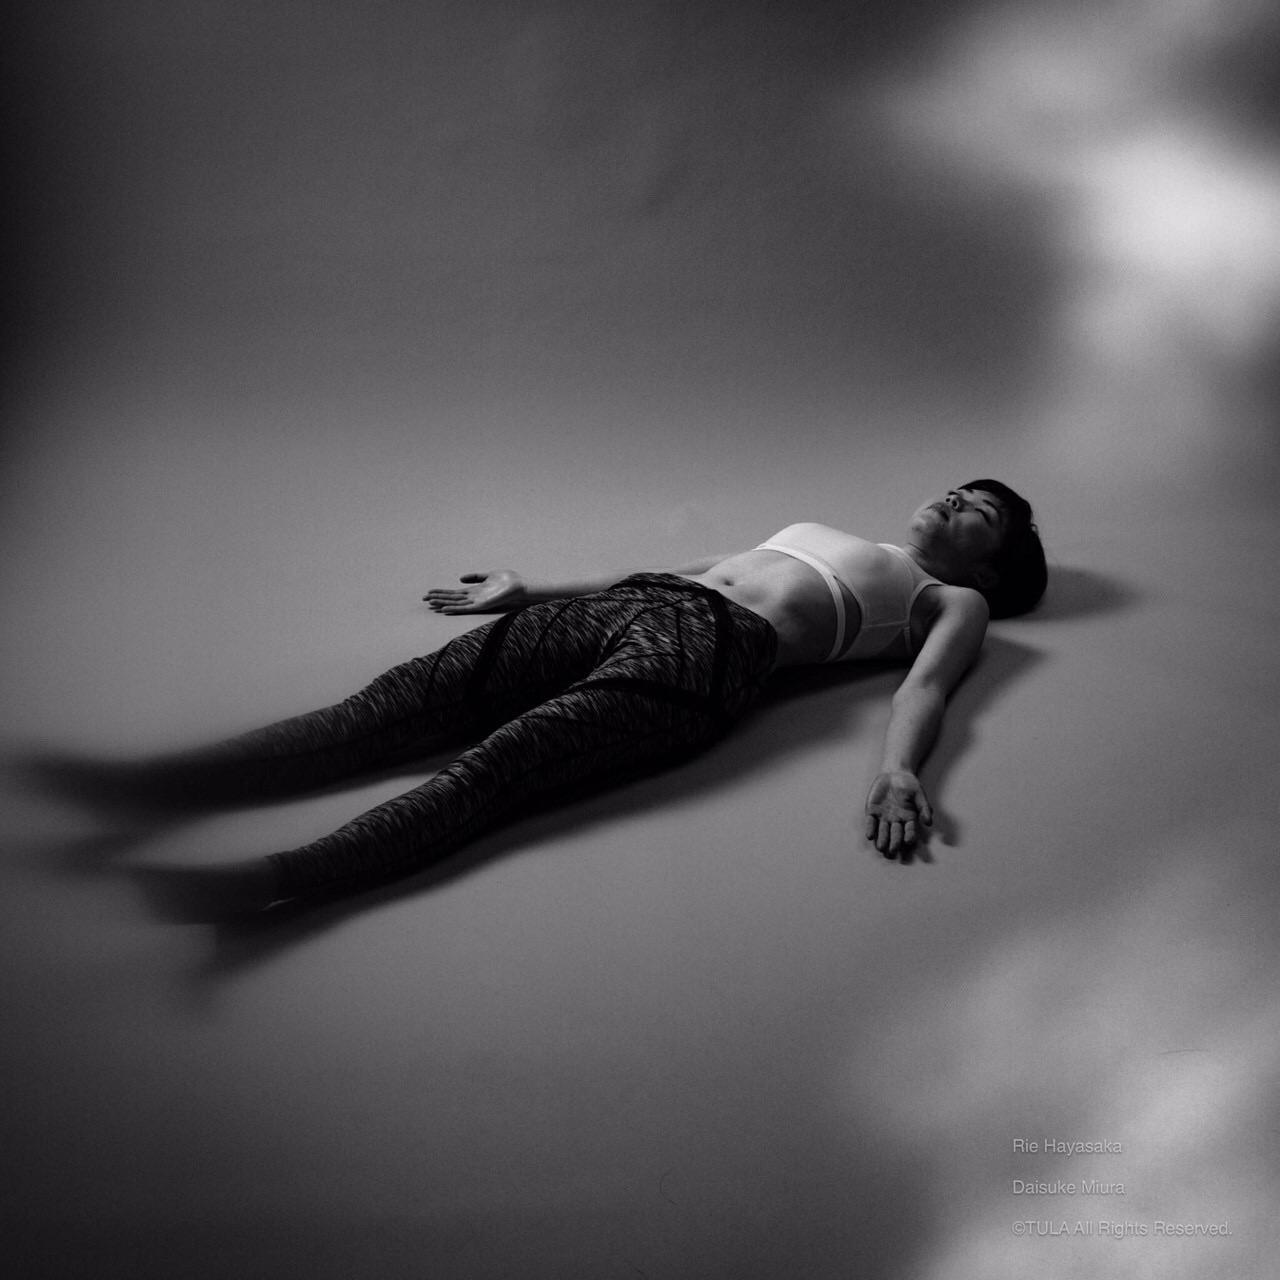 屍のポーズ / 亡骸のポーズ(シャヴァーサナ)の進め方と効果 | TULA